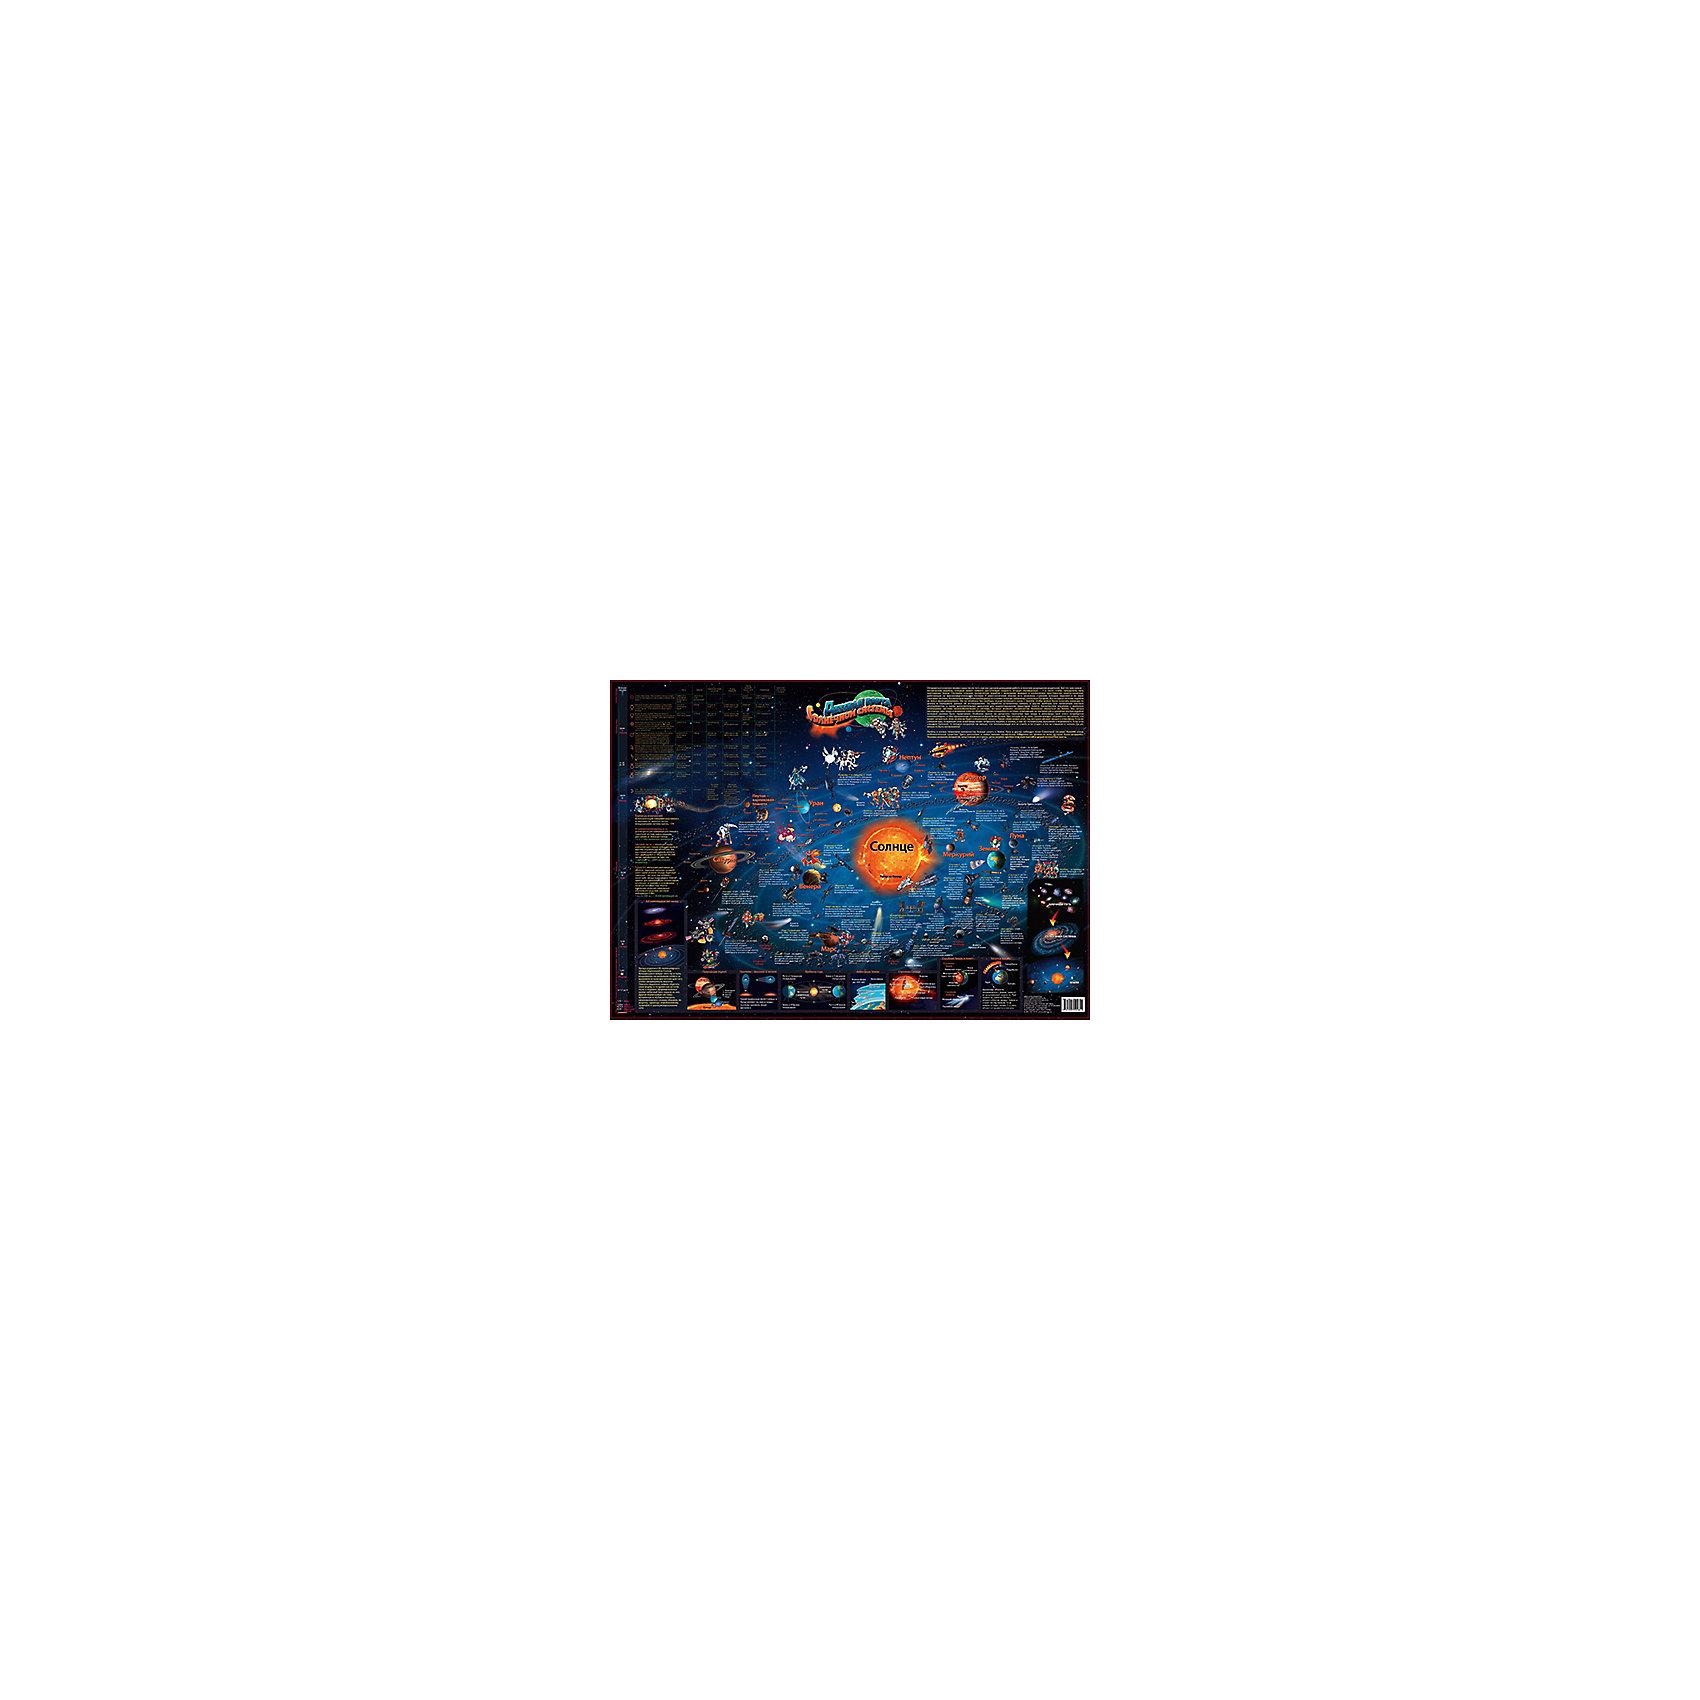 Карта солнечной системы для детей настенная 130 смАтласы и карты<br>Карта солнечной системы для детей настенная 130 см<br><br>Характеристики:<br><br>• яркий дизайн<br>• упаковка: тубус<br>• размер карты: 137х97 см<br>• размер упаковки: 6,5х6,5х12,5 см<br>• вес: 150 грамм<br><br>Познание солнечной системы - увлекательное занятие, особенно для детей. Карта Солнечной Системы подойдет для комнаты ребенка. Глядя на нее, ребенок выучит интересные факты о космосе, планетах и звездах. Вся информация написана достаточно понятно для детского восприятия. Яркие картинки привлекут внимание, и ребенок с удовольствием будет изучать астрономию!<br><br>Карту солнечной системы для детей настенную 130 см вы можете купить в нашем интернет-магазине.<br><br>Ширина мм: 125<br>Глубина мм: 65<br>Высота мм: 65<br>Вес г: 150<br>Возраст от месяцев: 72<br>Возраст до месяцев: 108<br>Пол: Унисекс<br>Возраст: Детский<br>SKU: 5124685